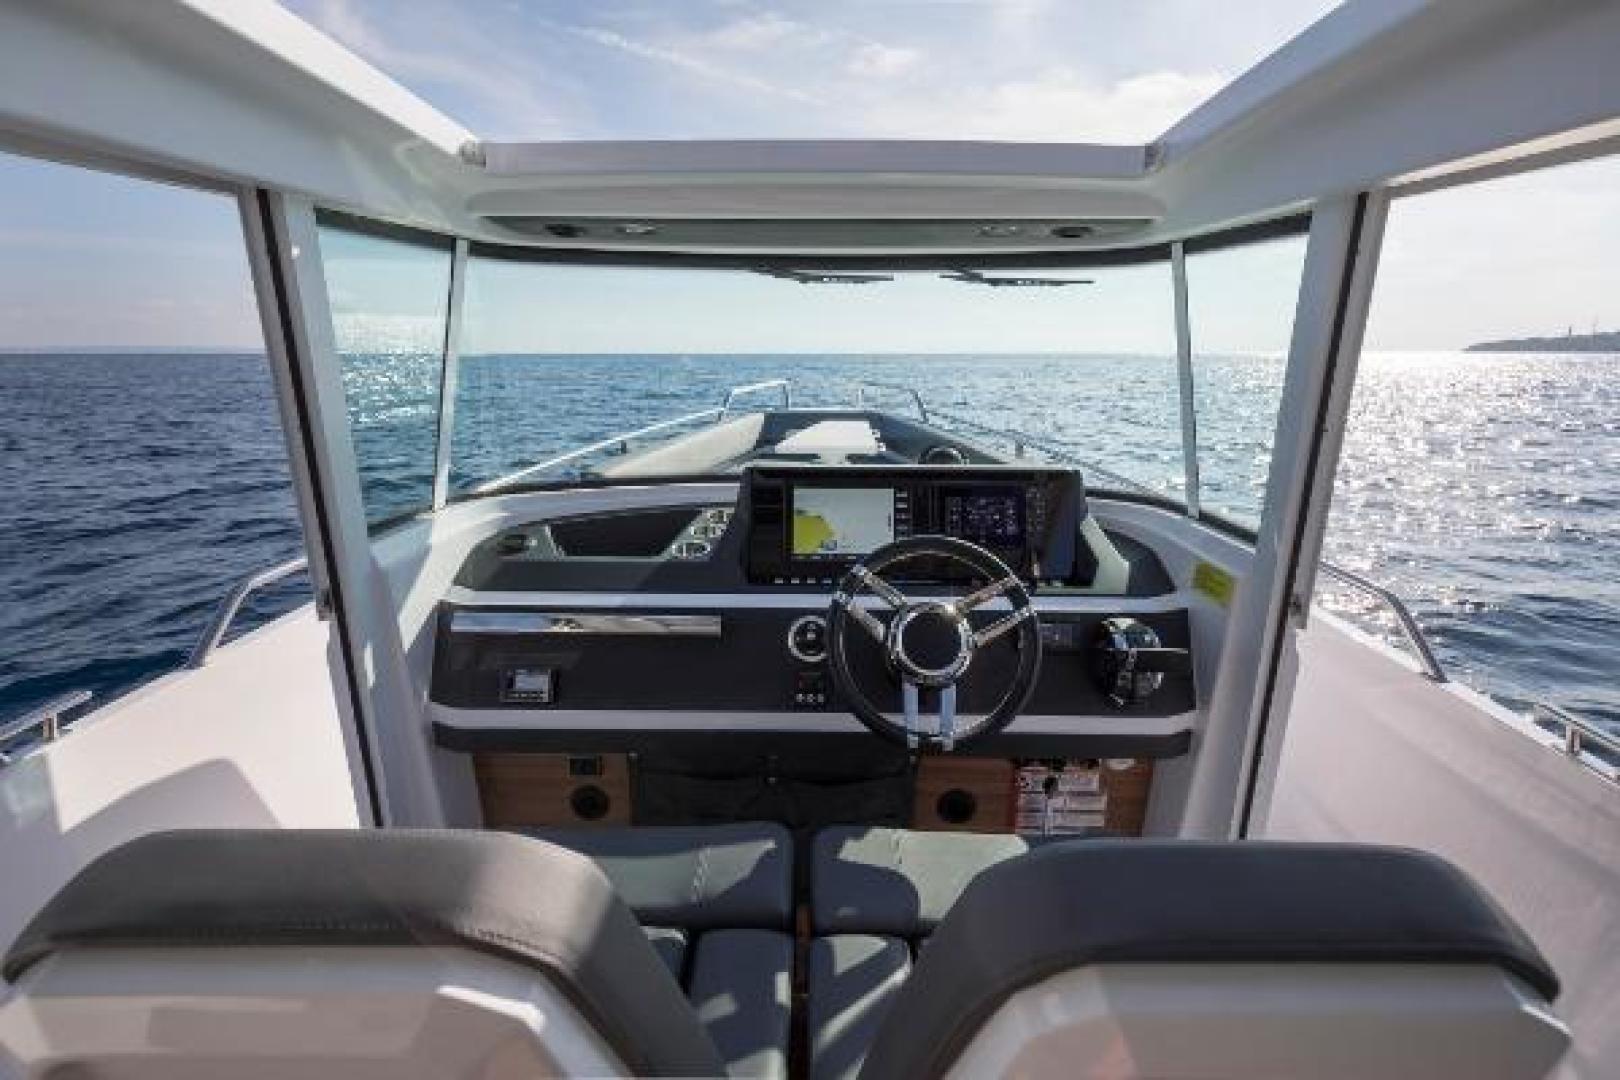 Axopar-28 CABIN 2020-Axopar 28 CABIN Palm Beach-Florida-United States-1531459 | Thumbnail